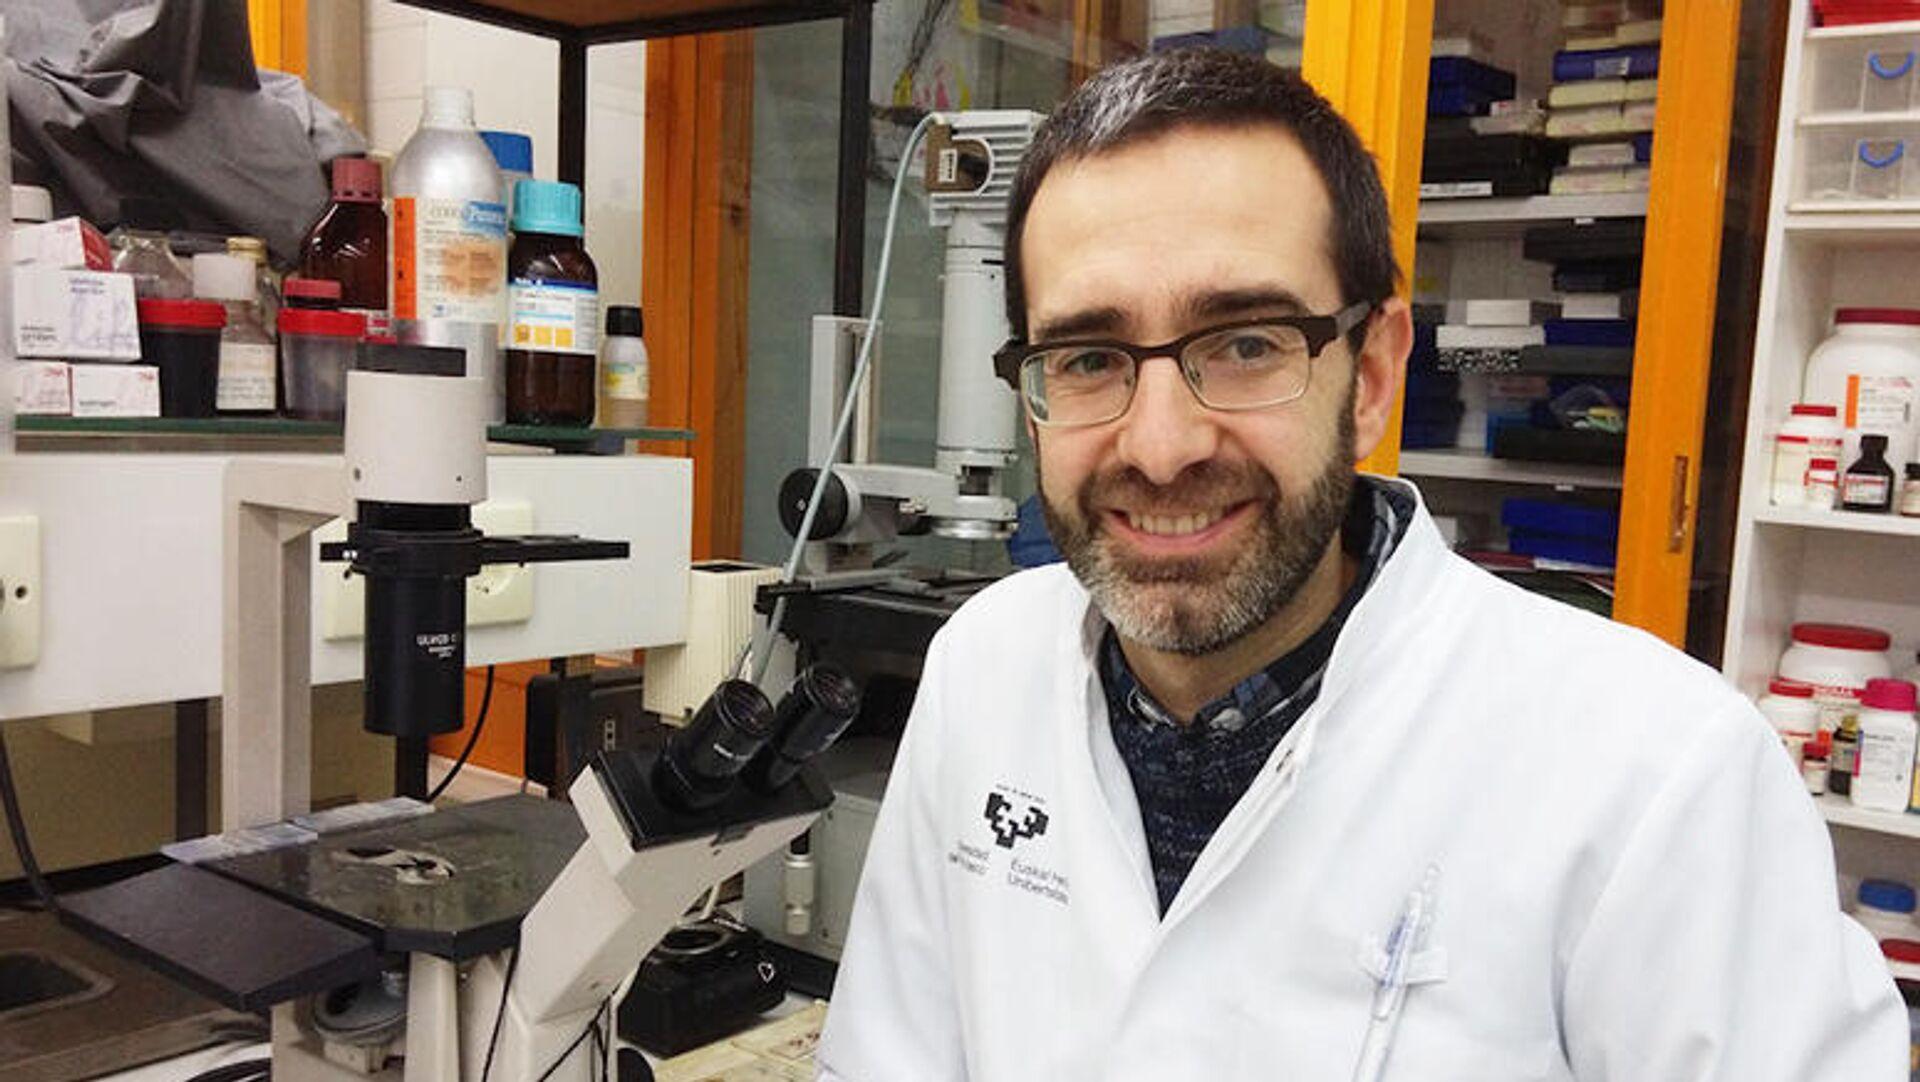 Iker Badiola, uno de los investigadores que han descubierto nuevos compuestos que impiden la infección por Covid-19 - Sputnik Mundo, 1920, 11.08.2021